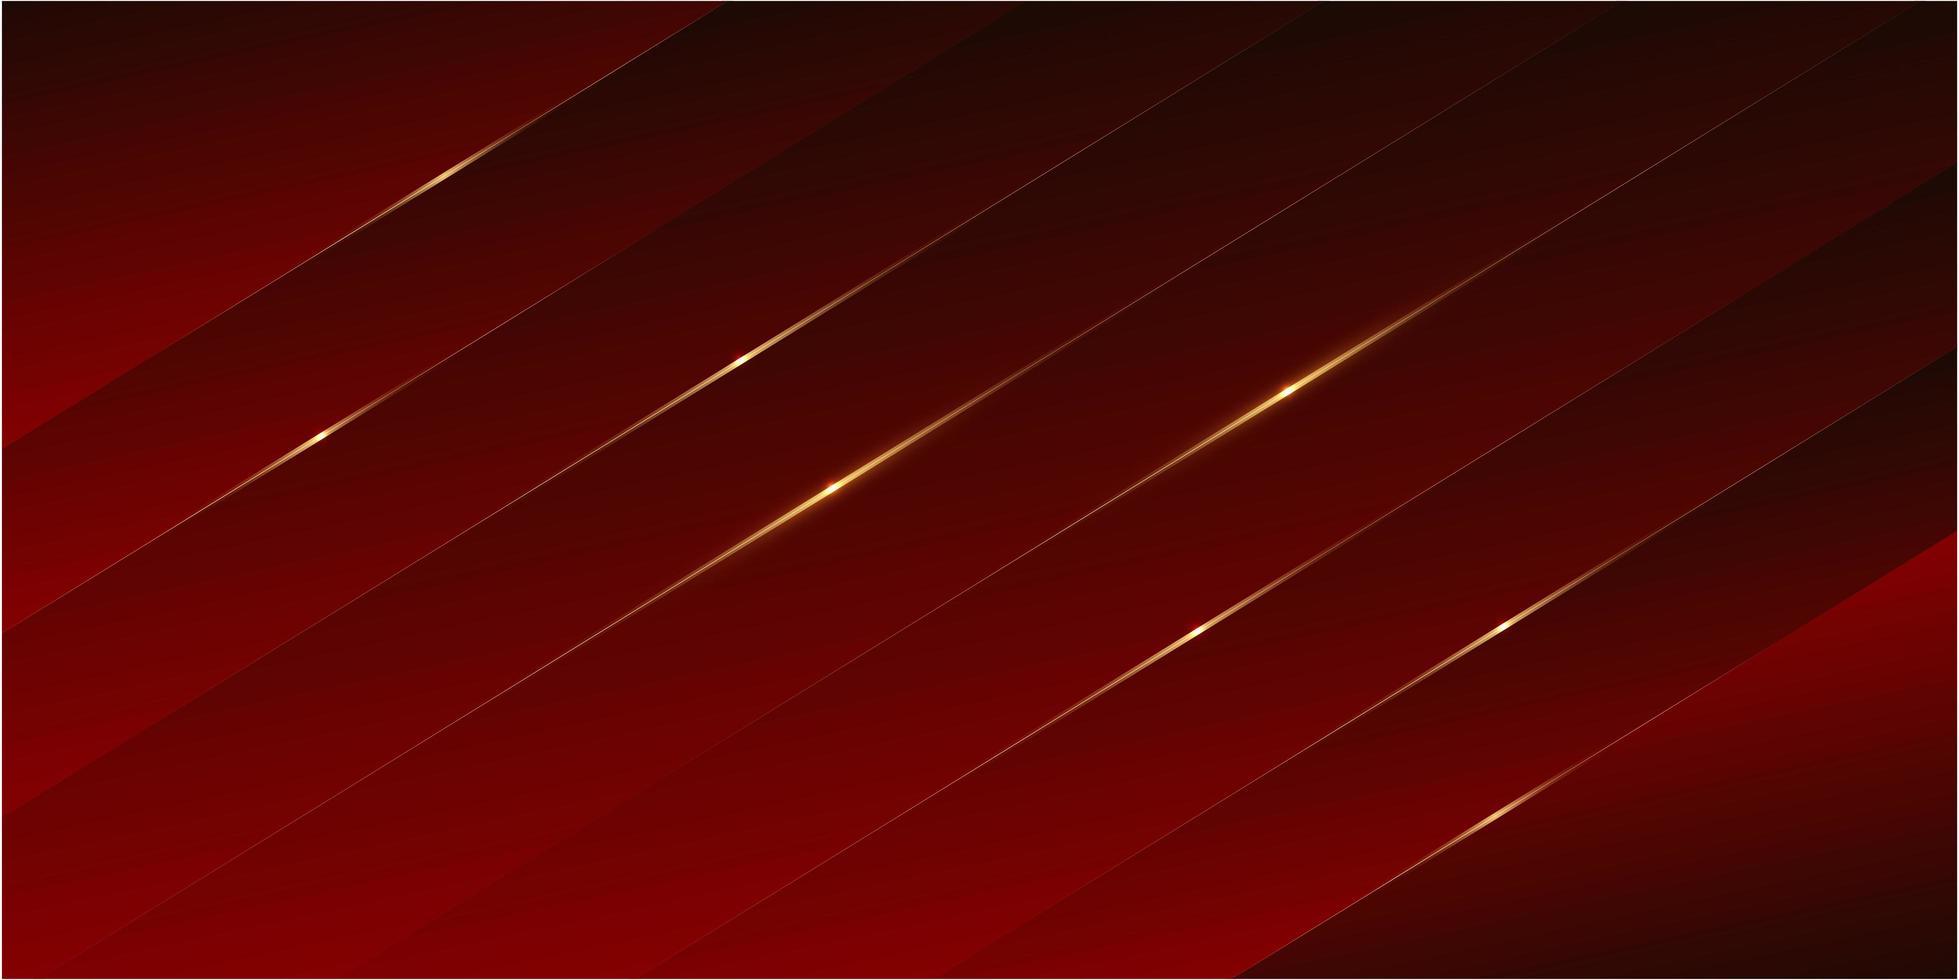 panneaux de luxe rouges avec un design moderne de ligne dorée. vecteur